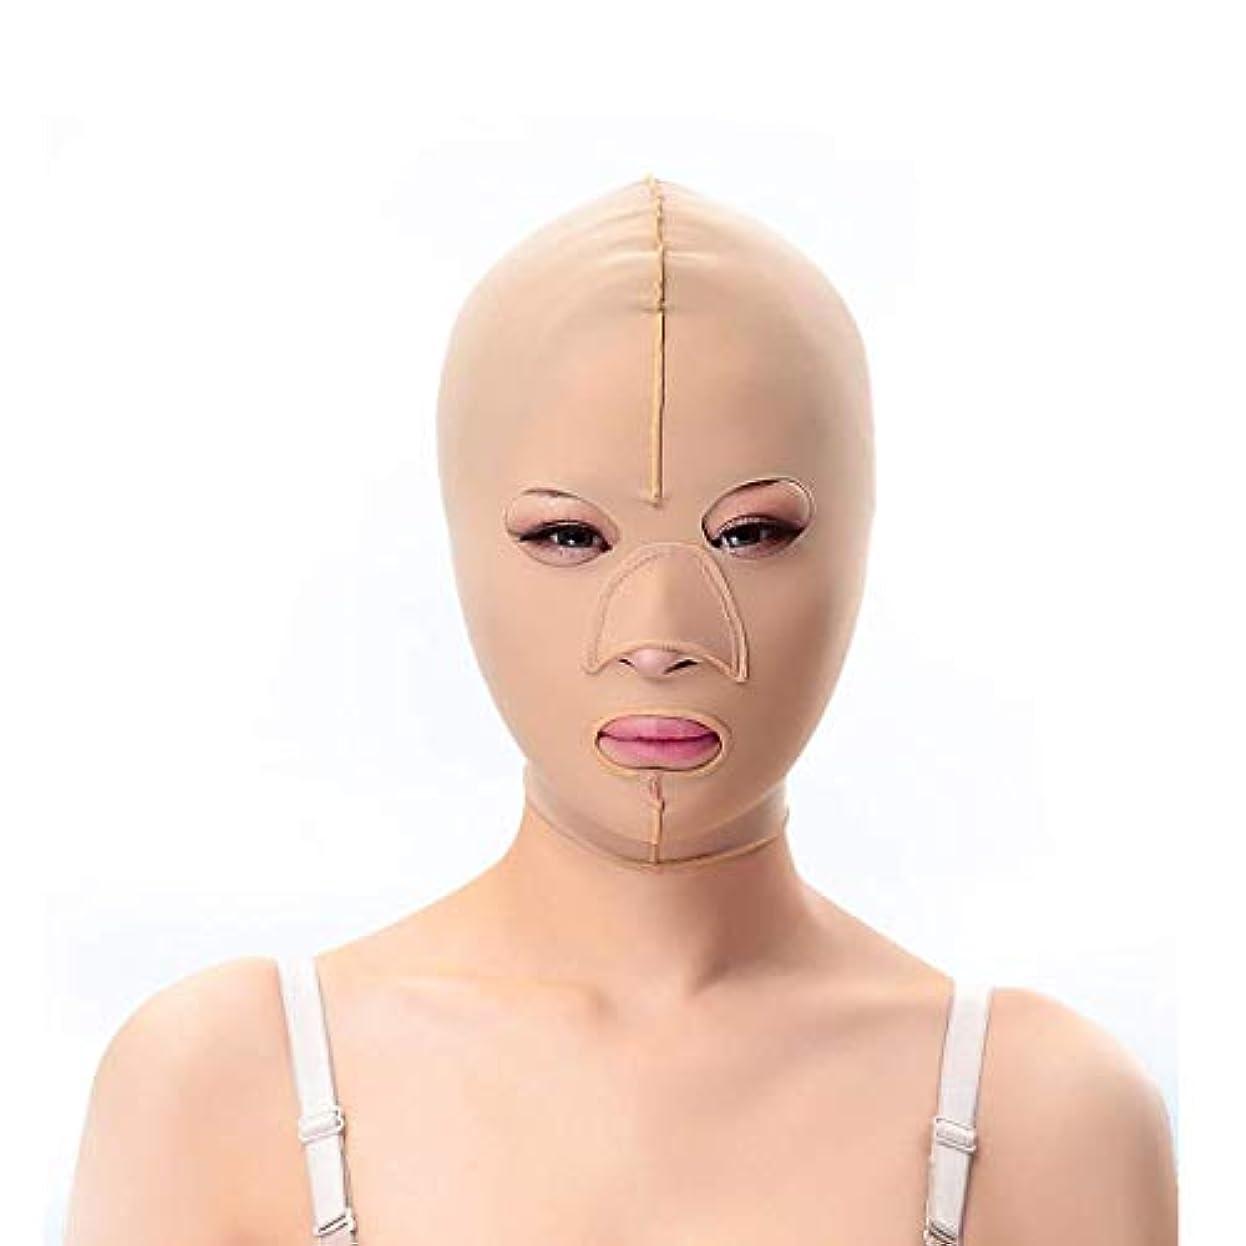 プレーヤーぬれた司書スリミングベルト、フェイシャルマスク薄いフェイスマスク布布パターンリフティングダブルあご引き締めフェイシャルプラスチック顔アーティファクト強力な顔包帯(サイズ:S)